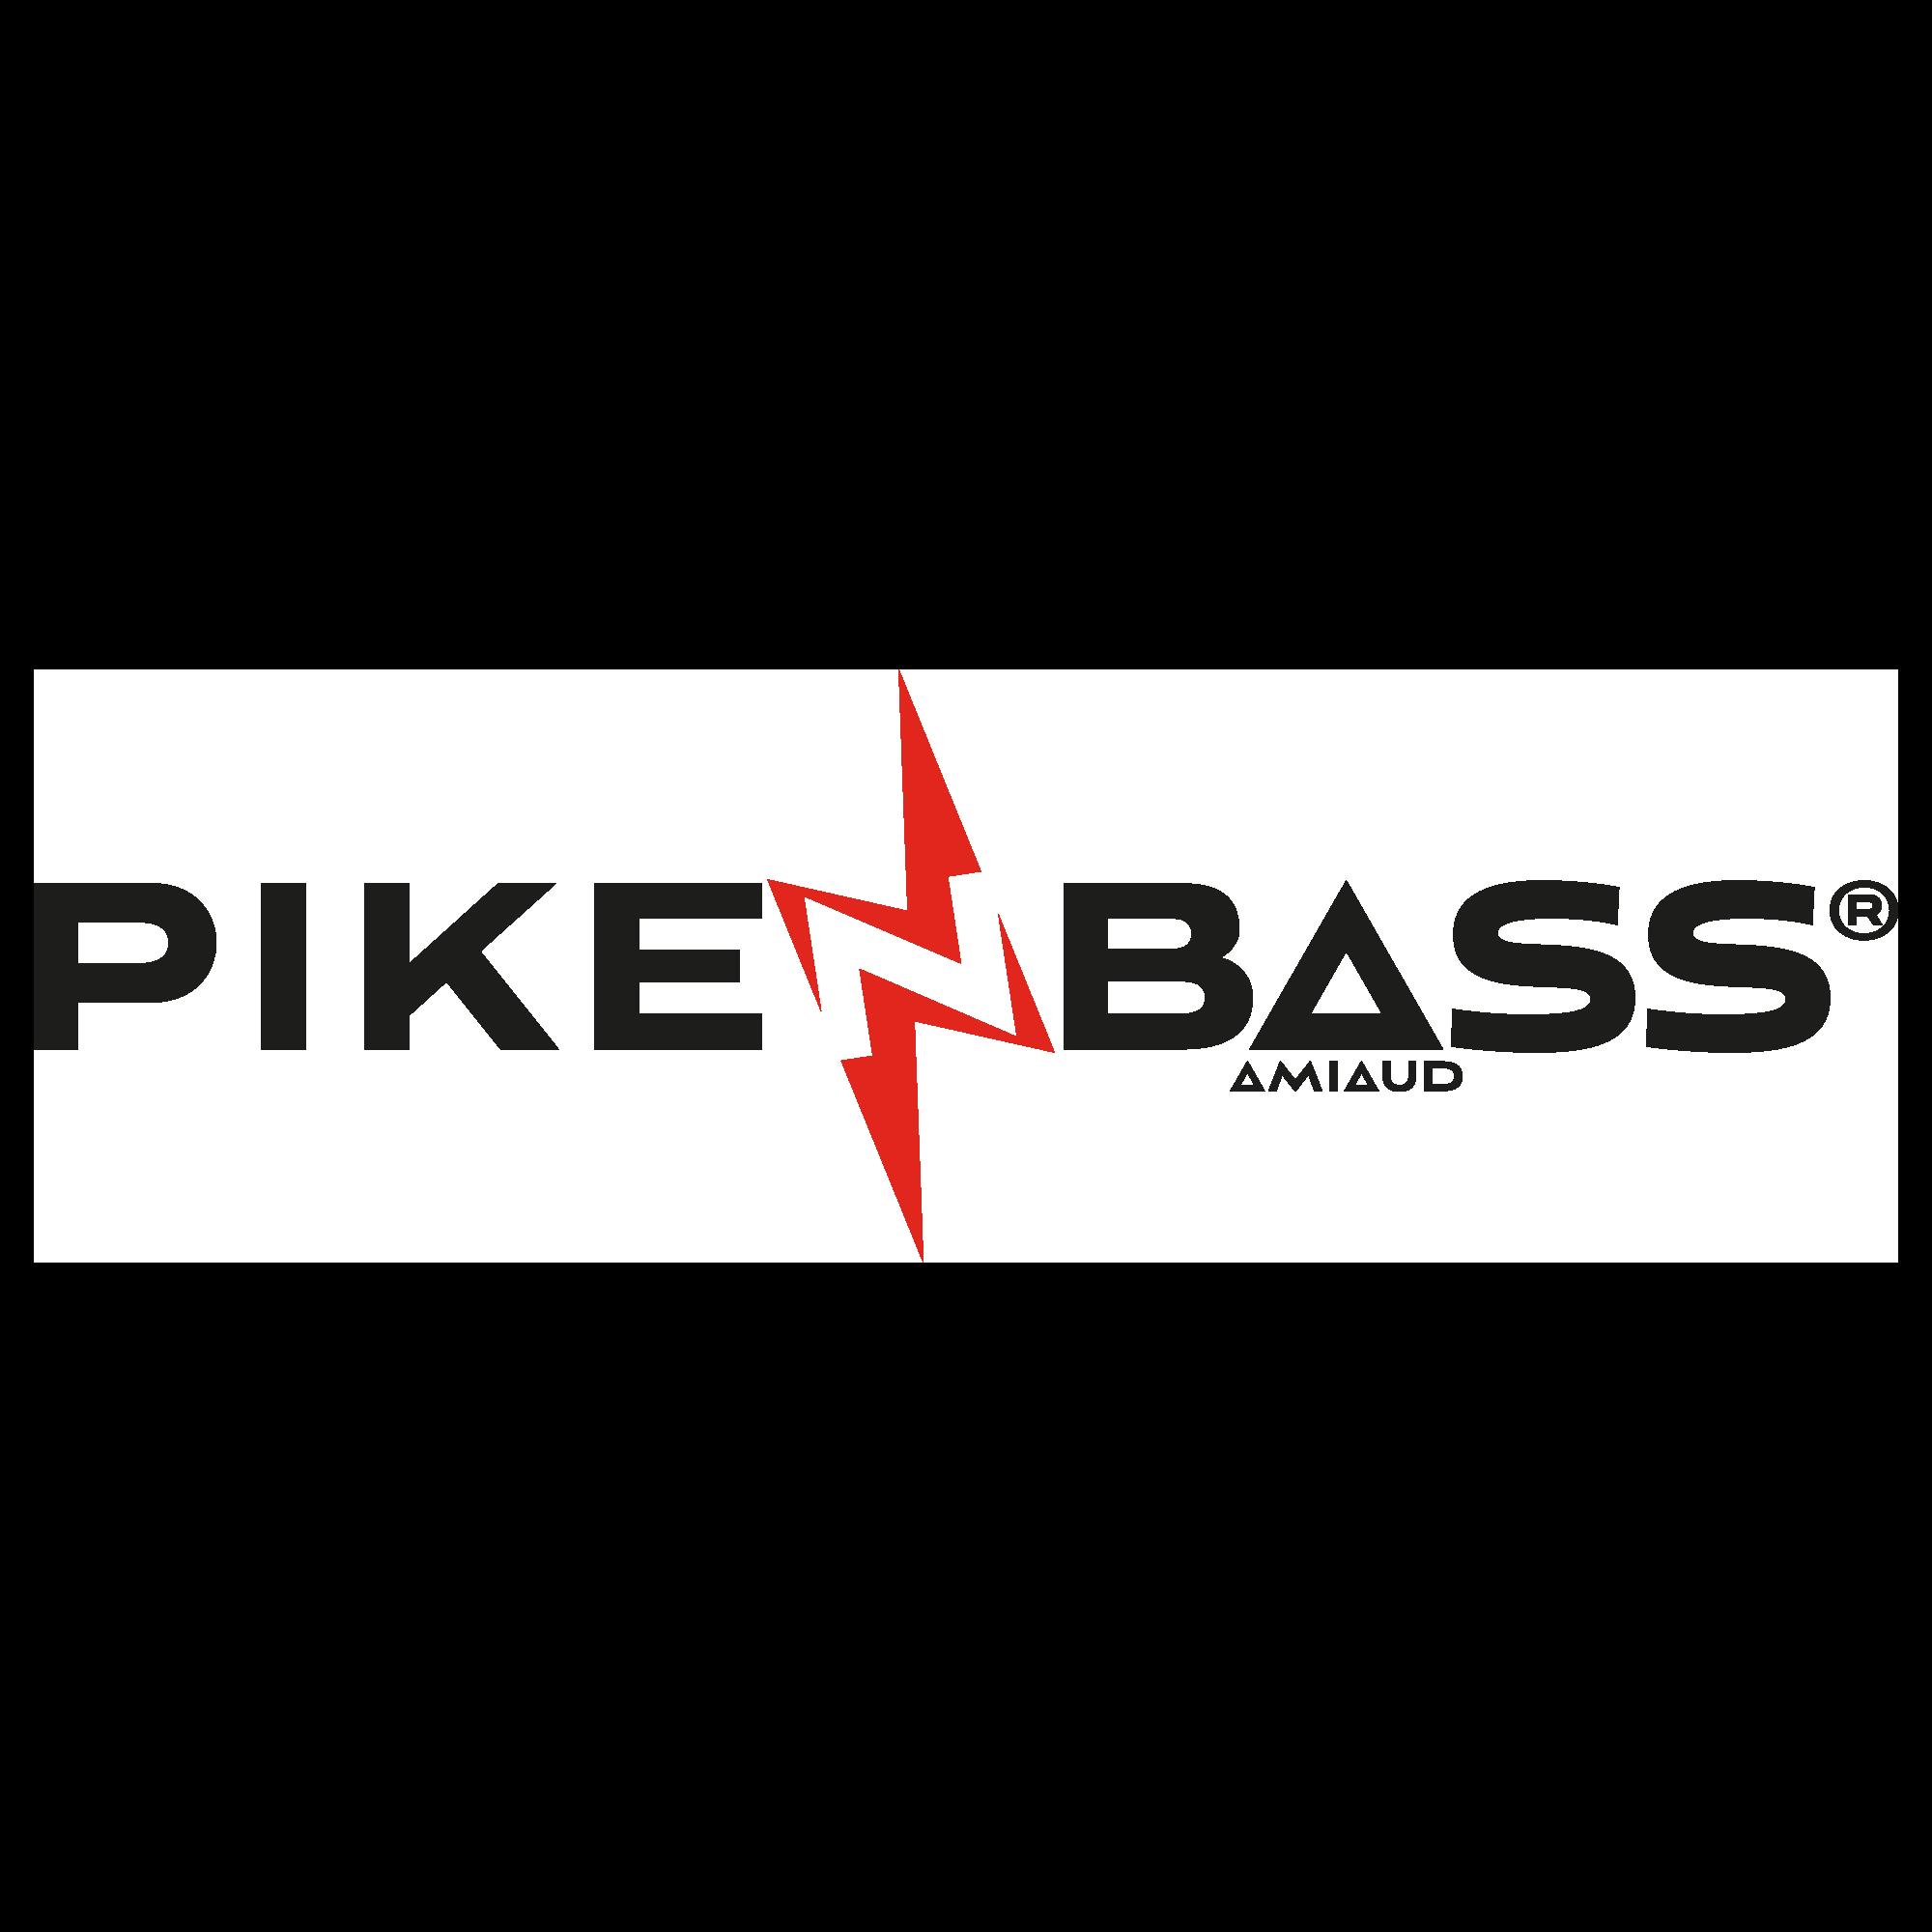 Pike'n Bass